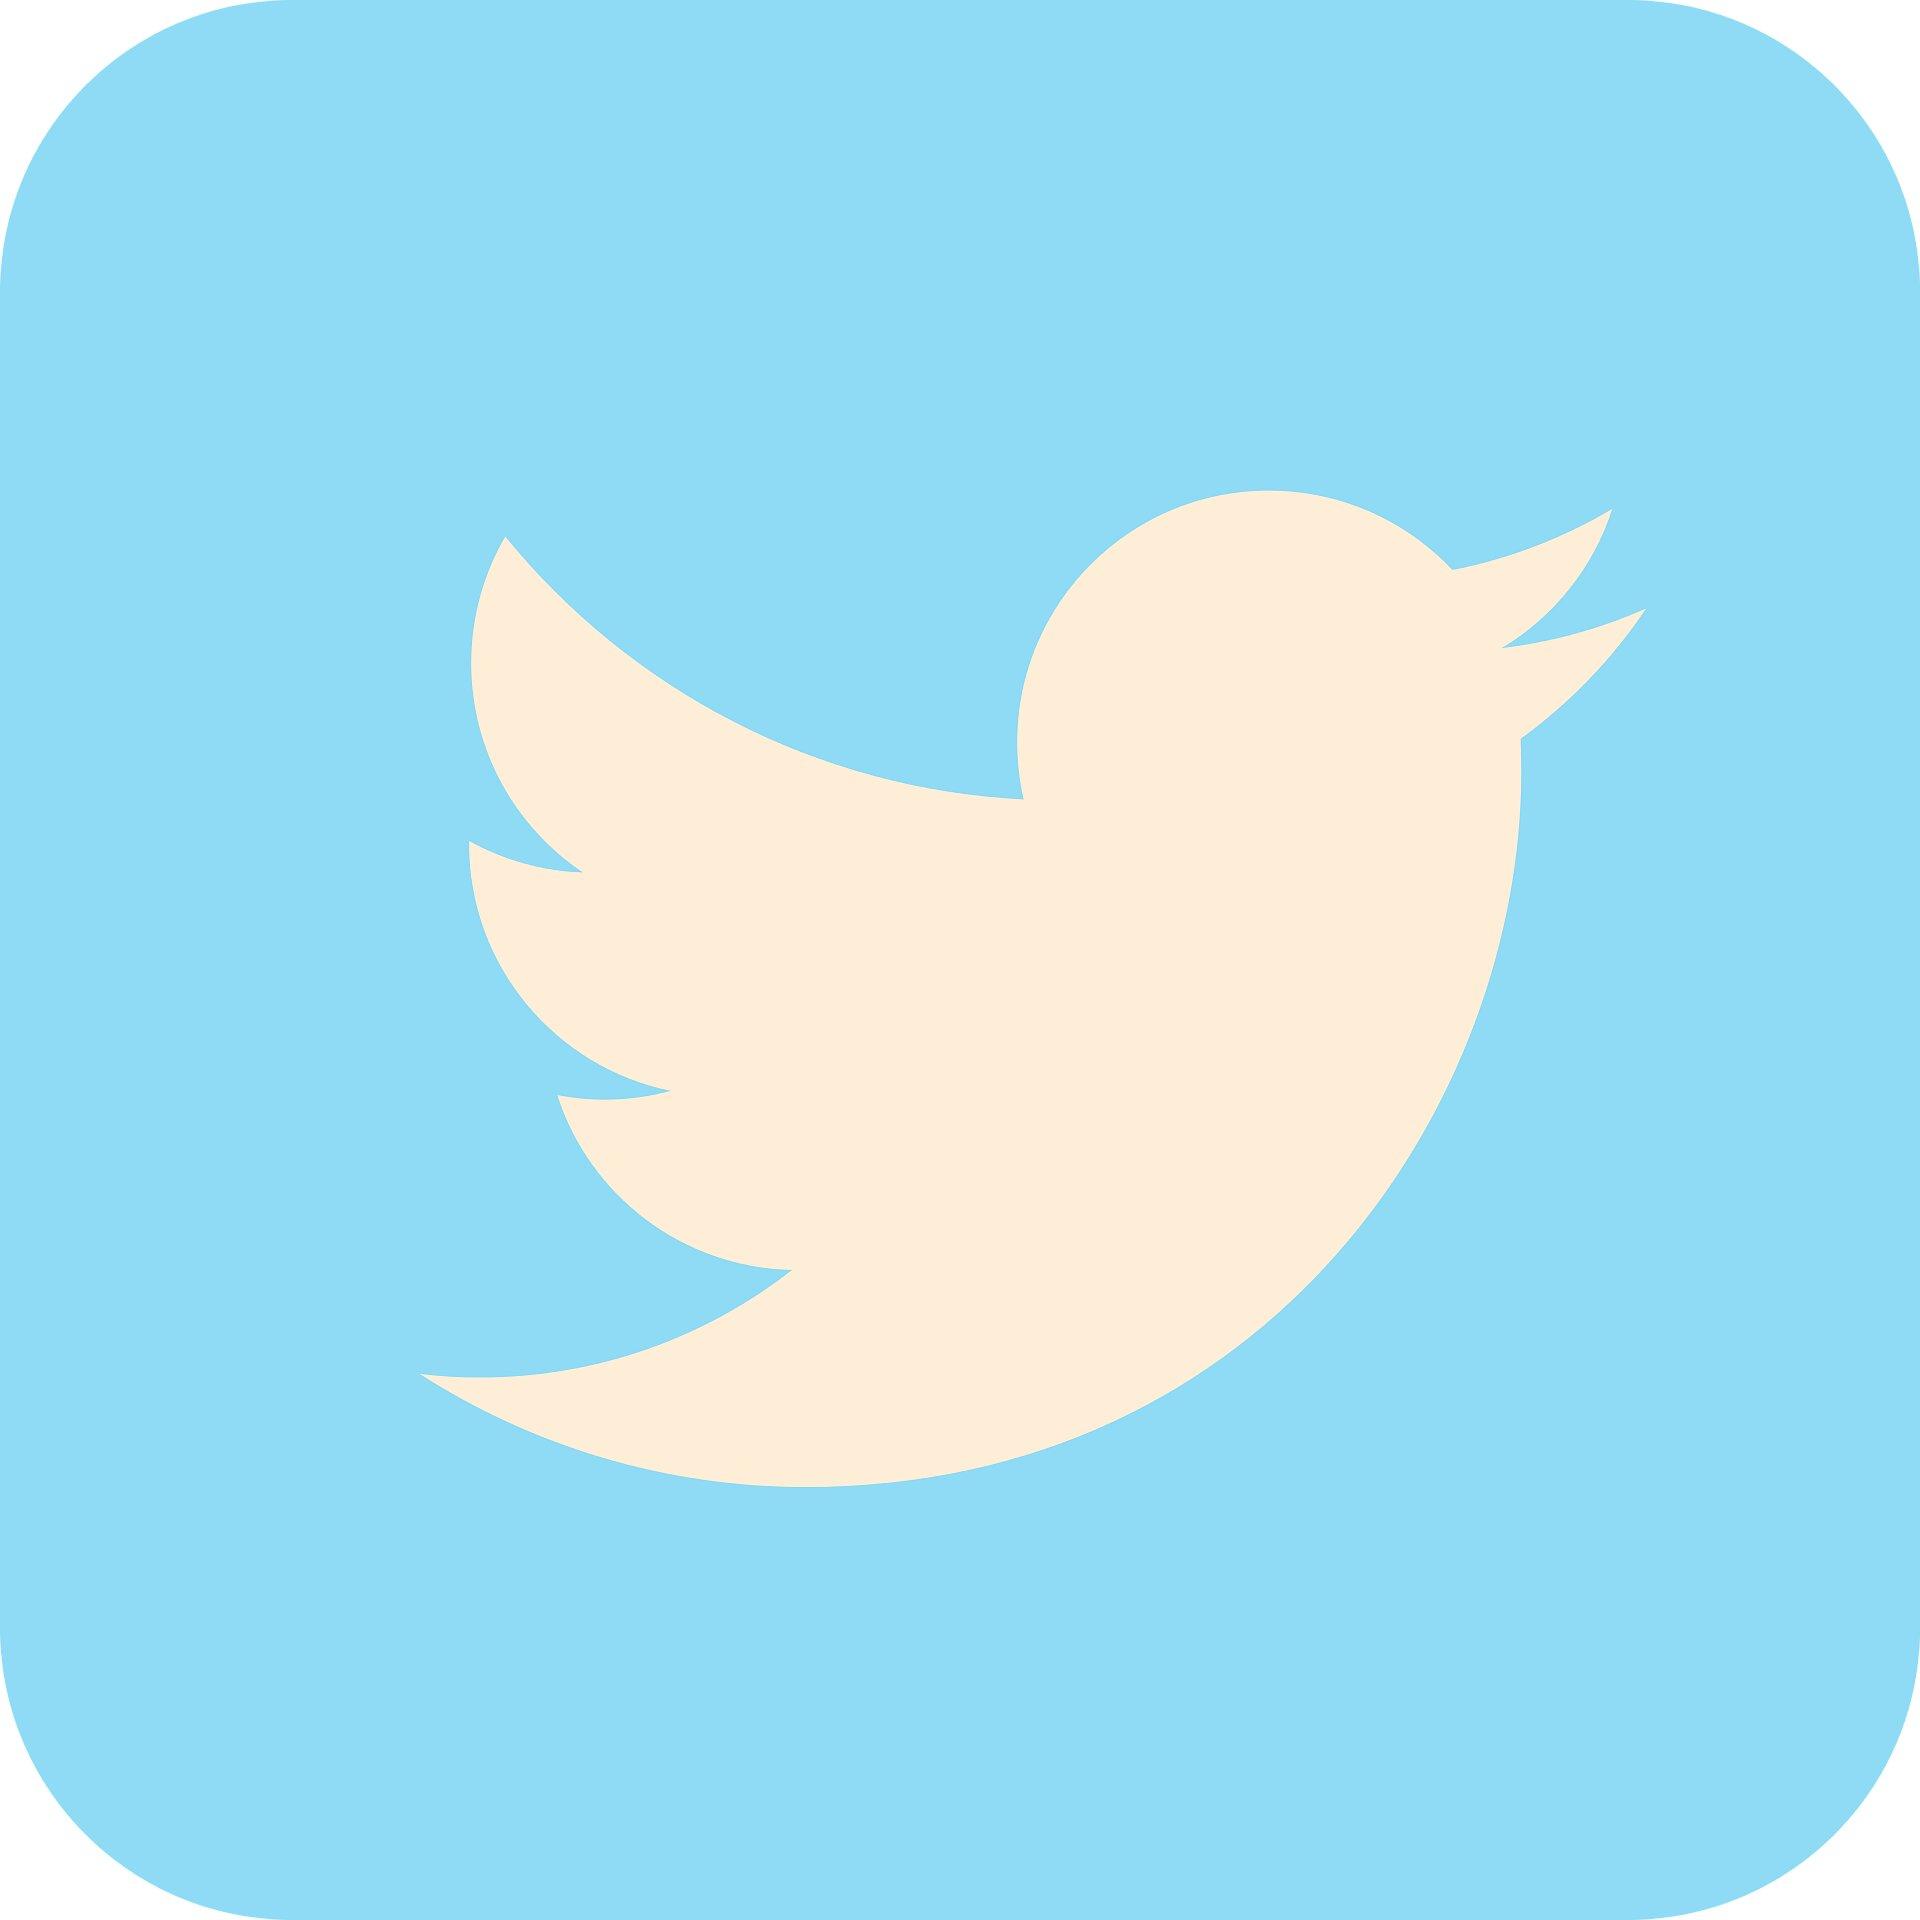 Логотип картинки твиттер, фото